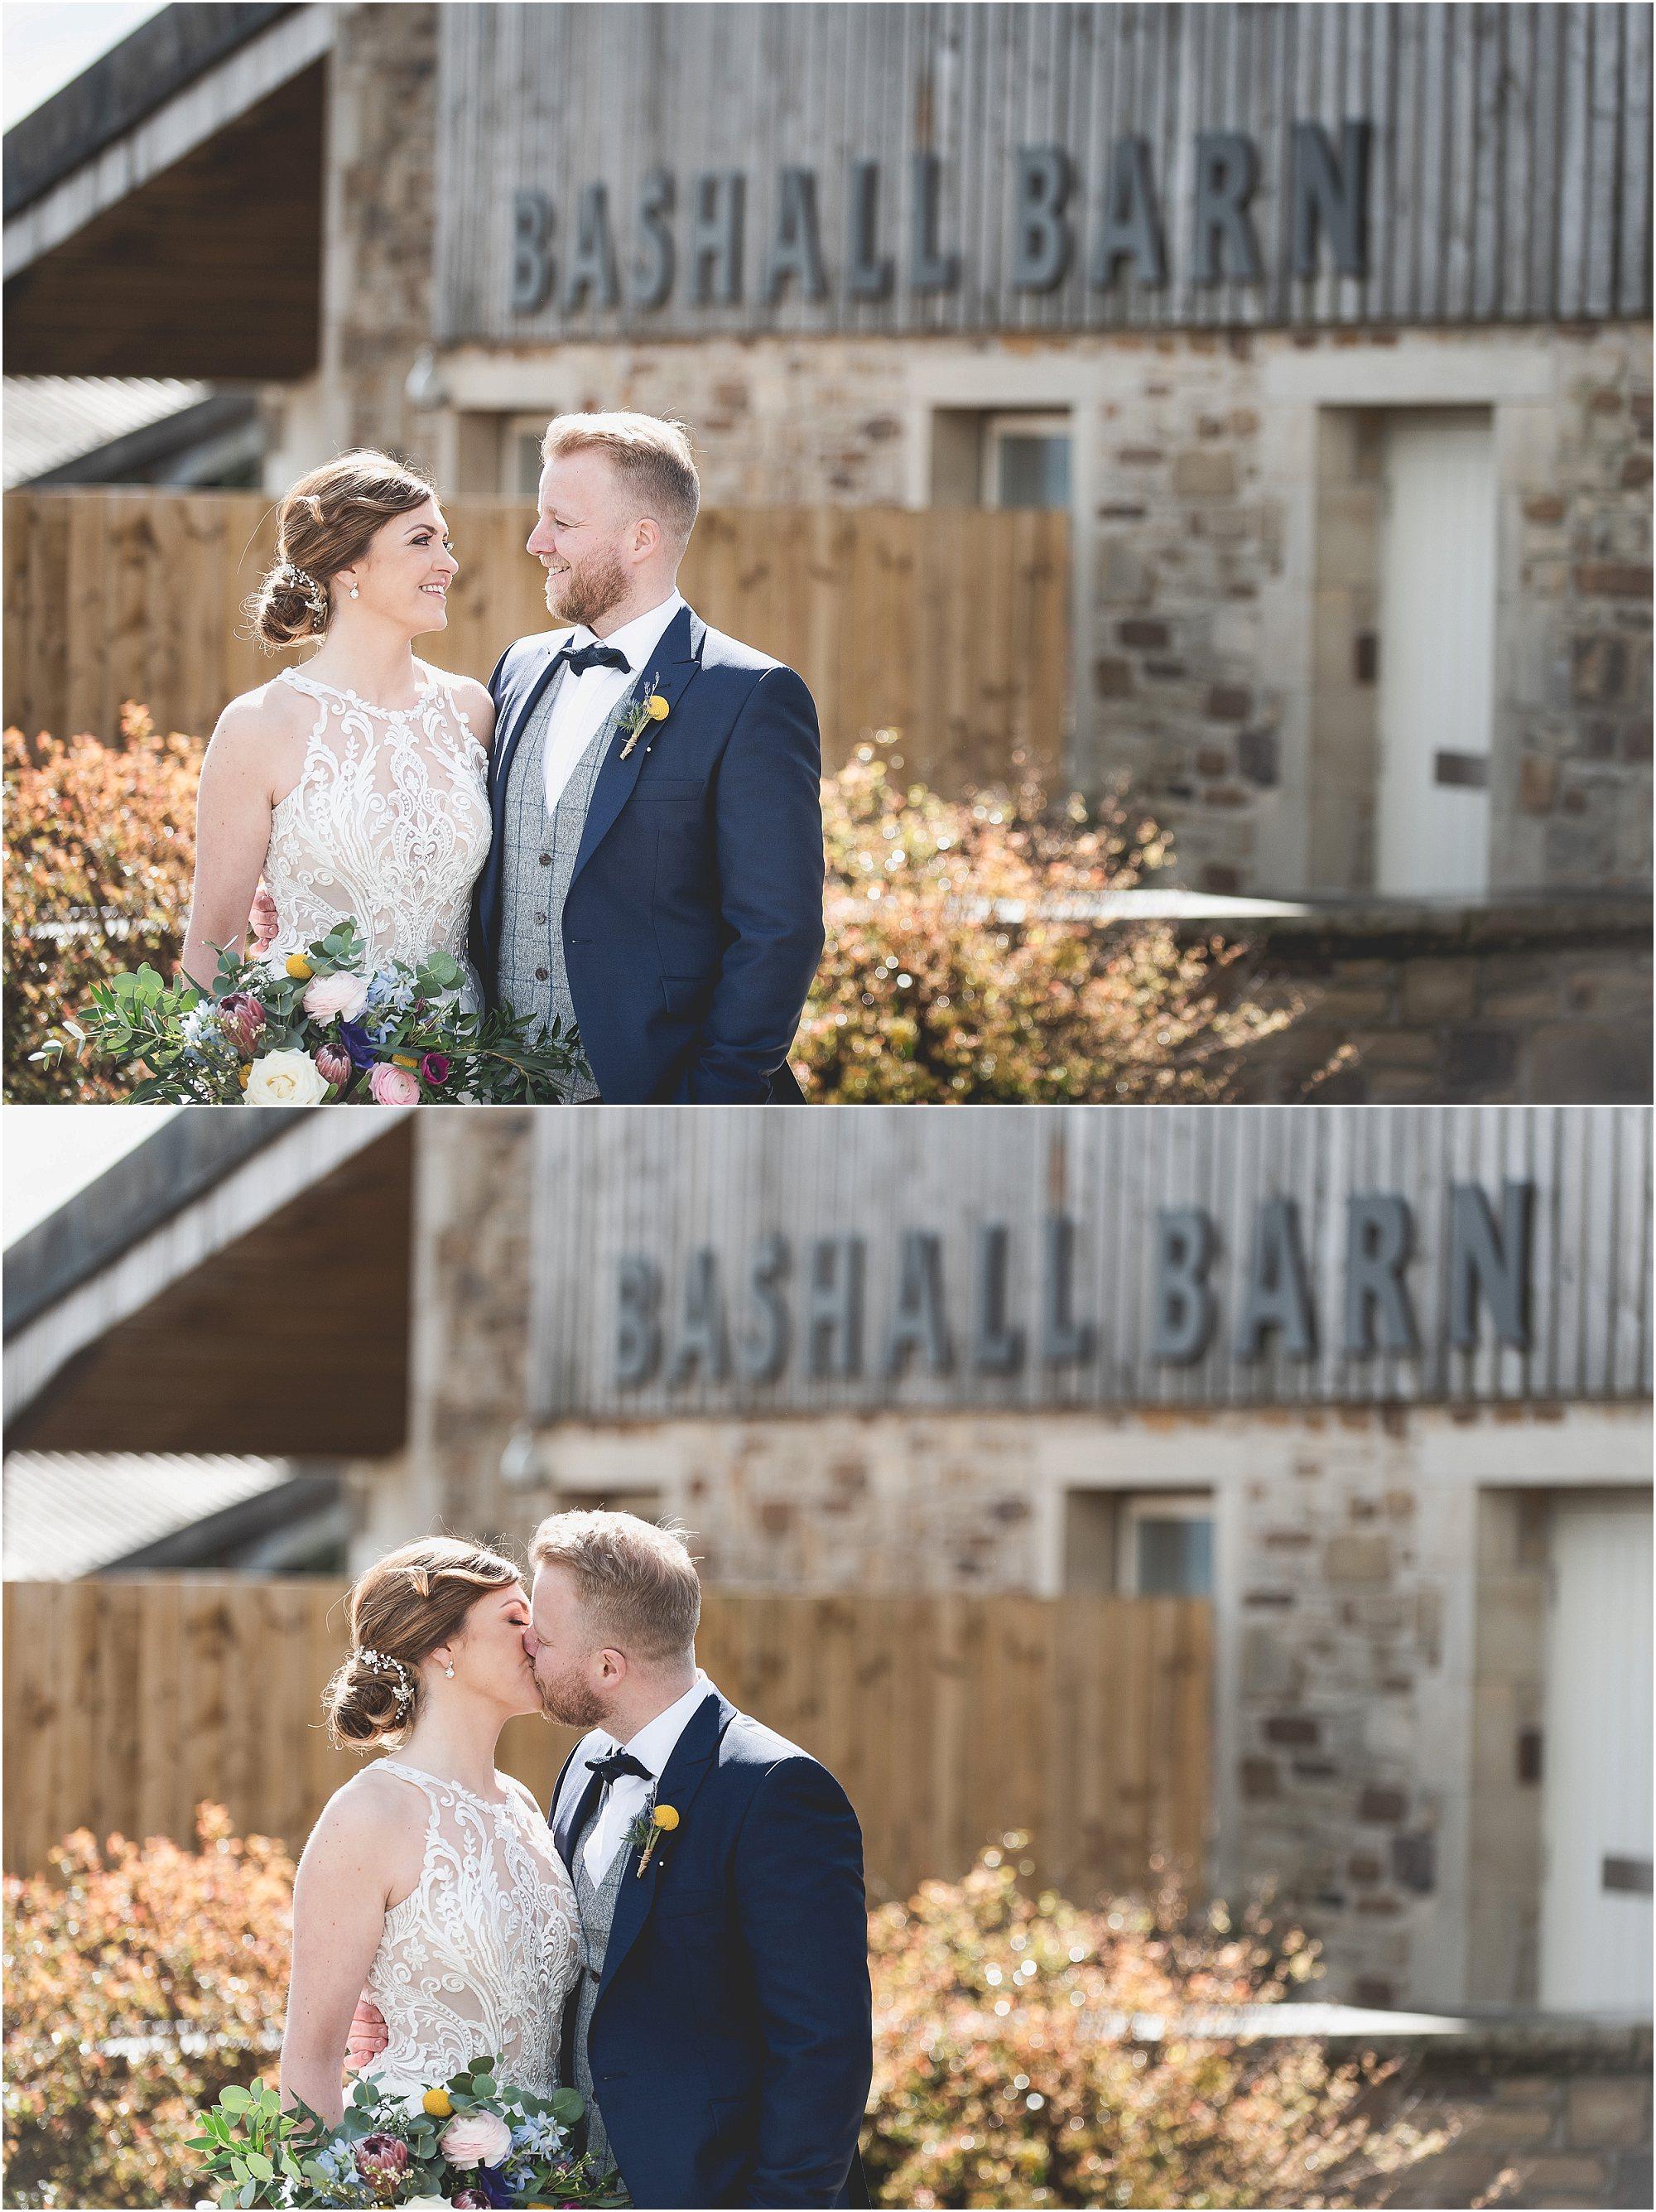 Couple sharing a moment at Bashall Barn